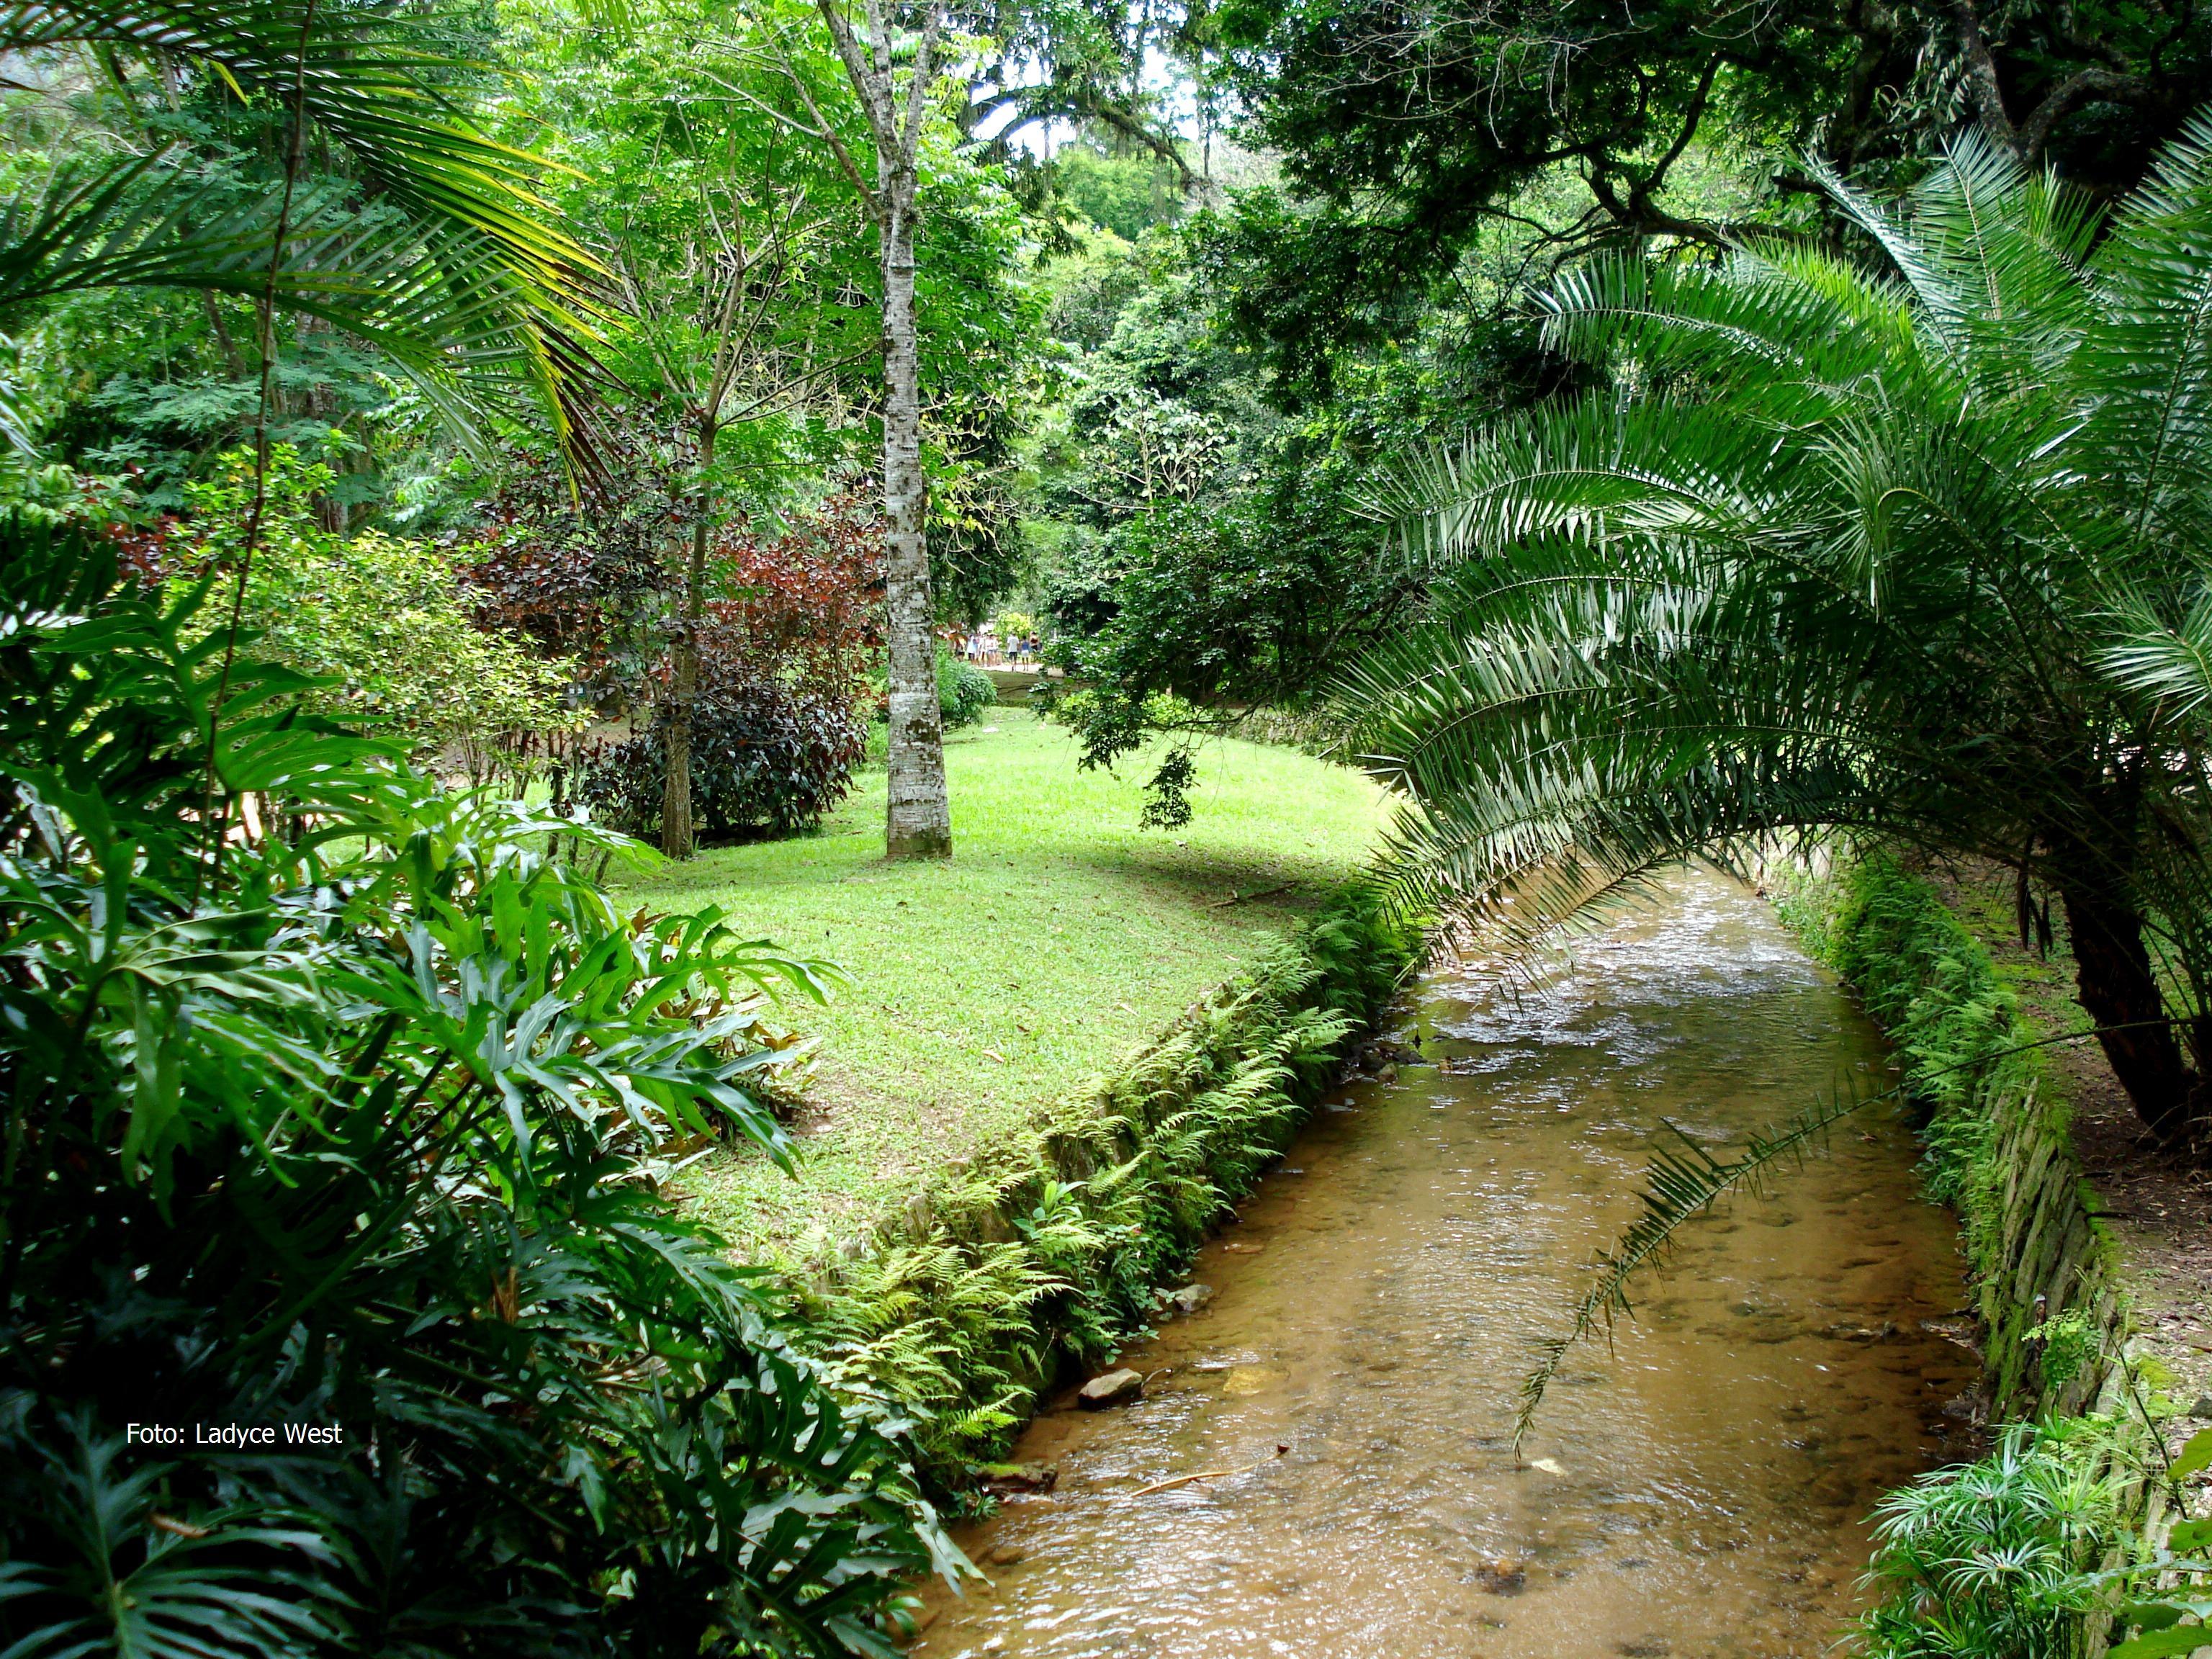 fotos jardim cultural:Córrego no Jardim Botânico do Rio de Janeiro, Foto: Ladyce West.